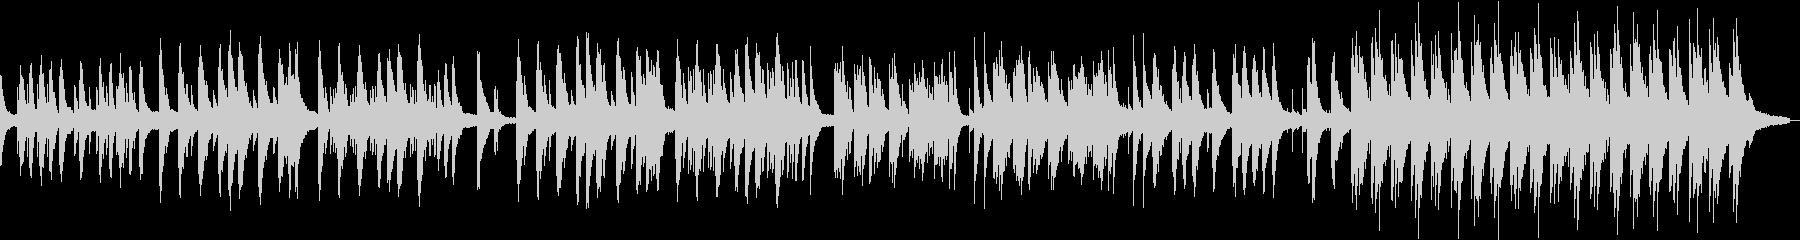 ピアノソロの切ないバラードのBGMの未再生の波形